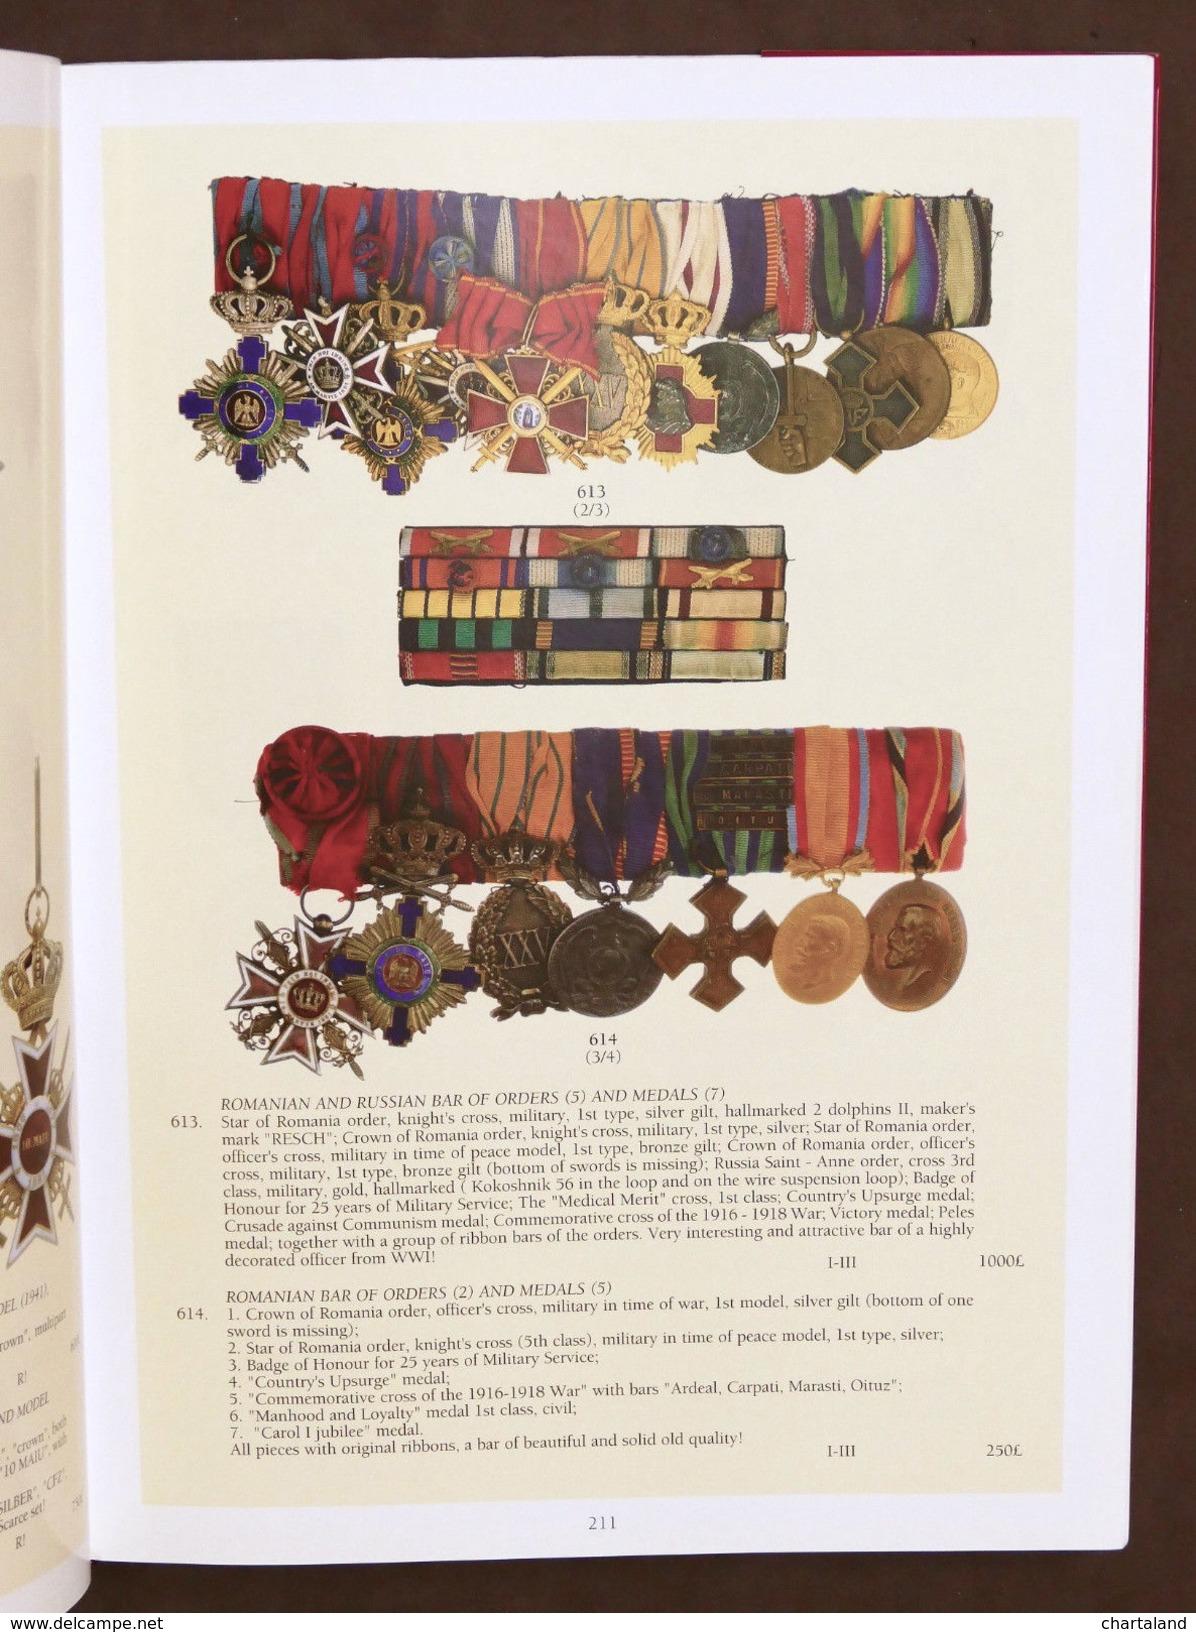 Catalogo Asta Decorazioni Medaglie - La Galerie Numismatique Auction VI - 2005 - Livres & Logiciels